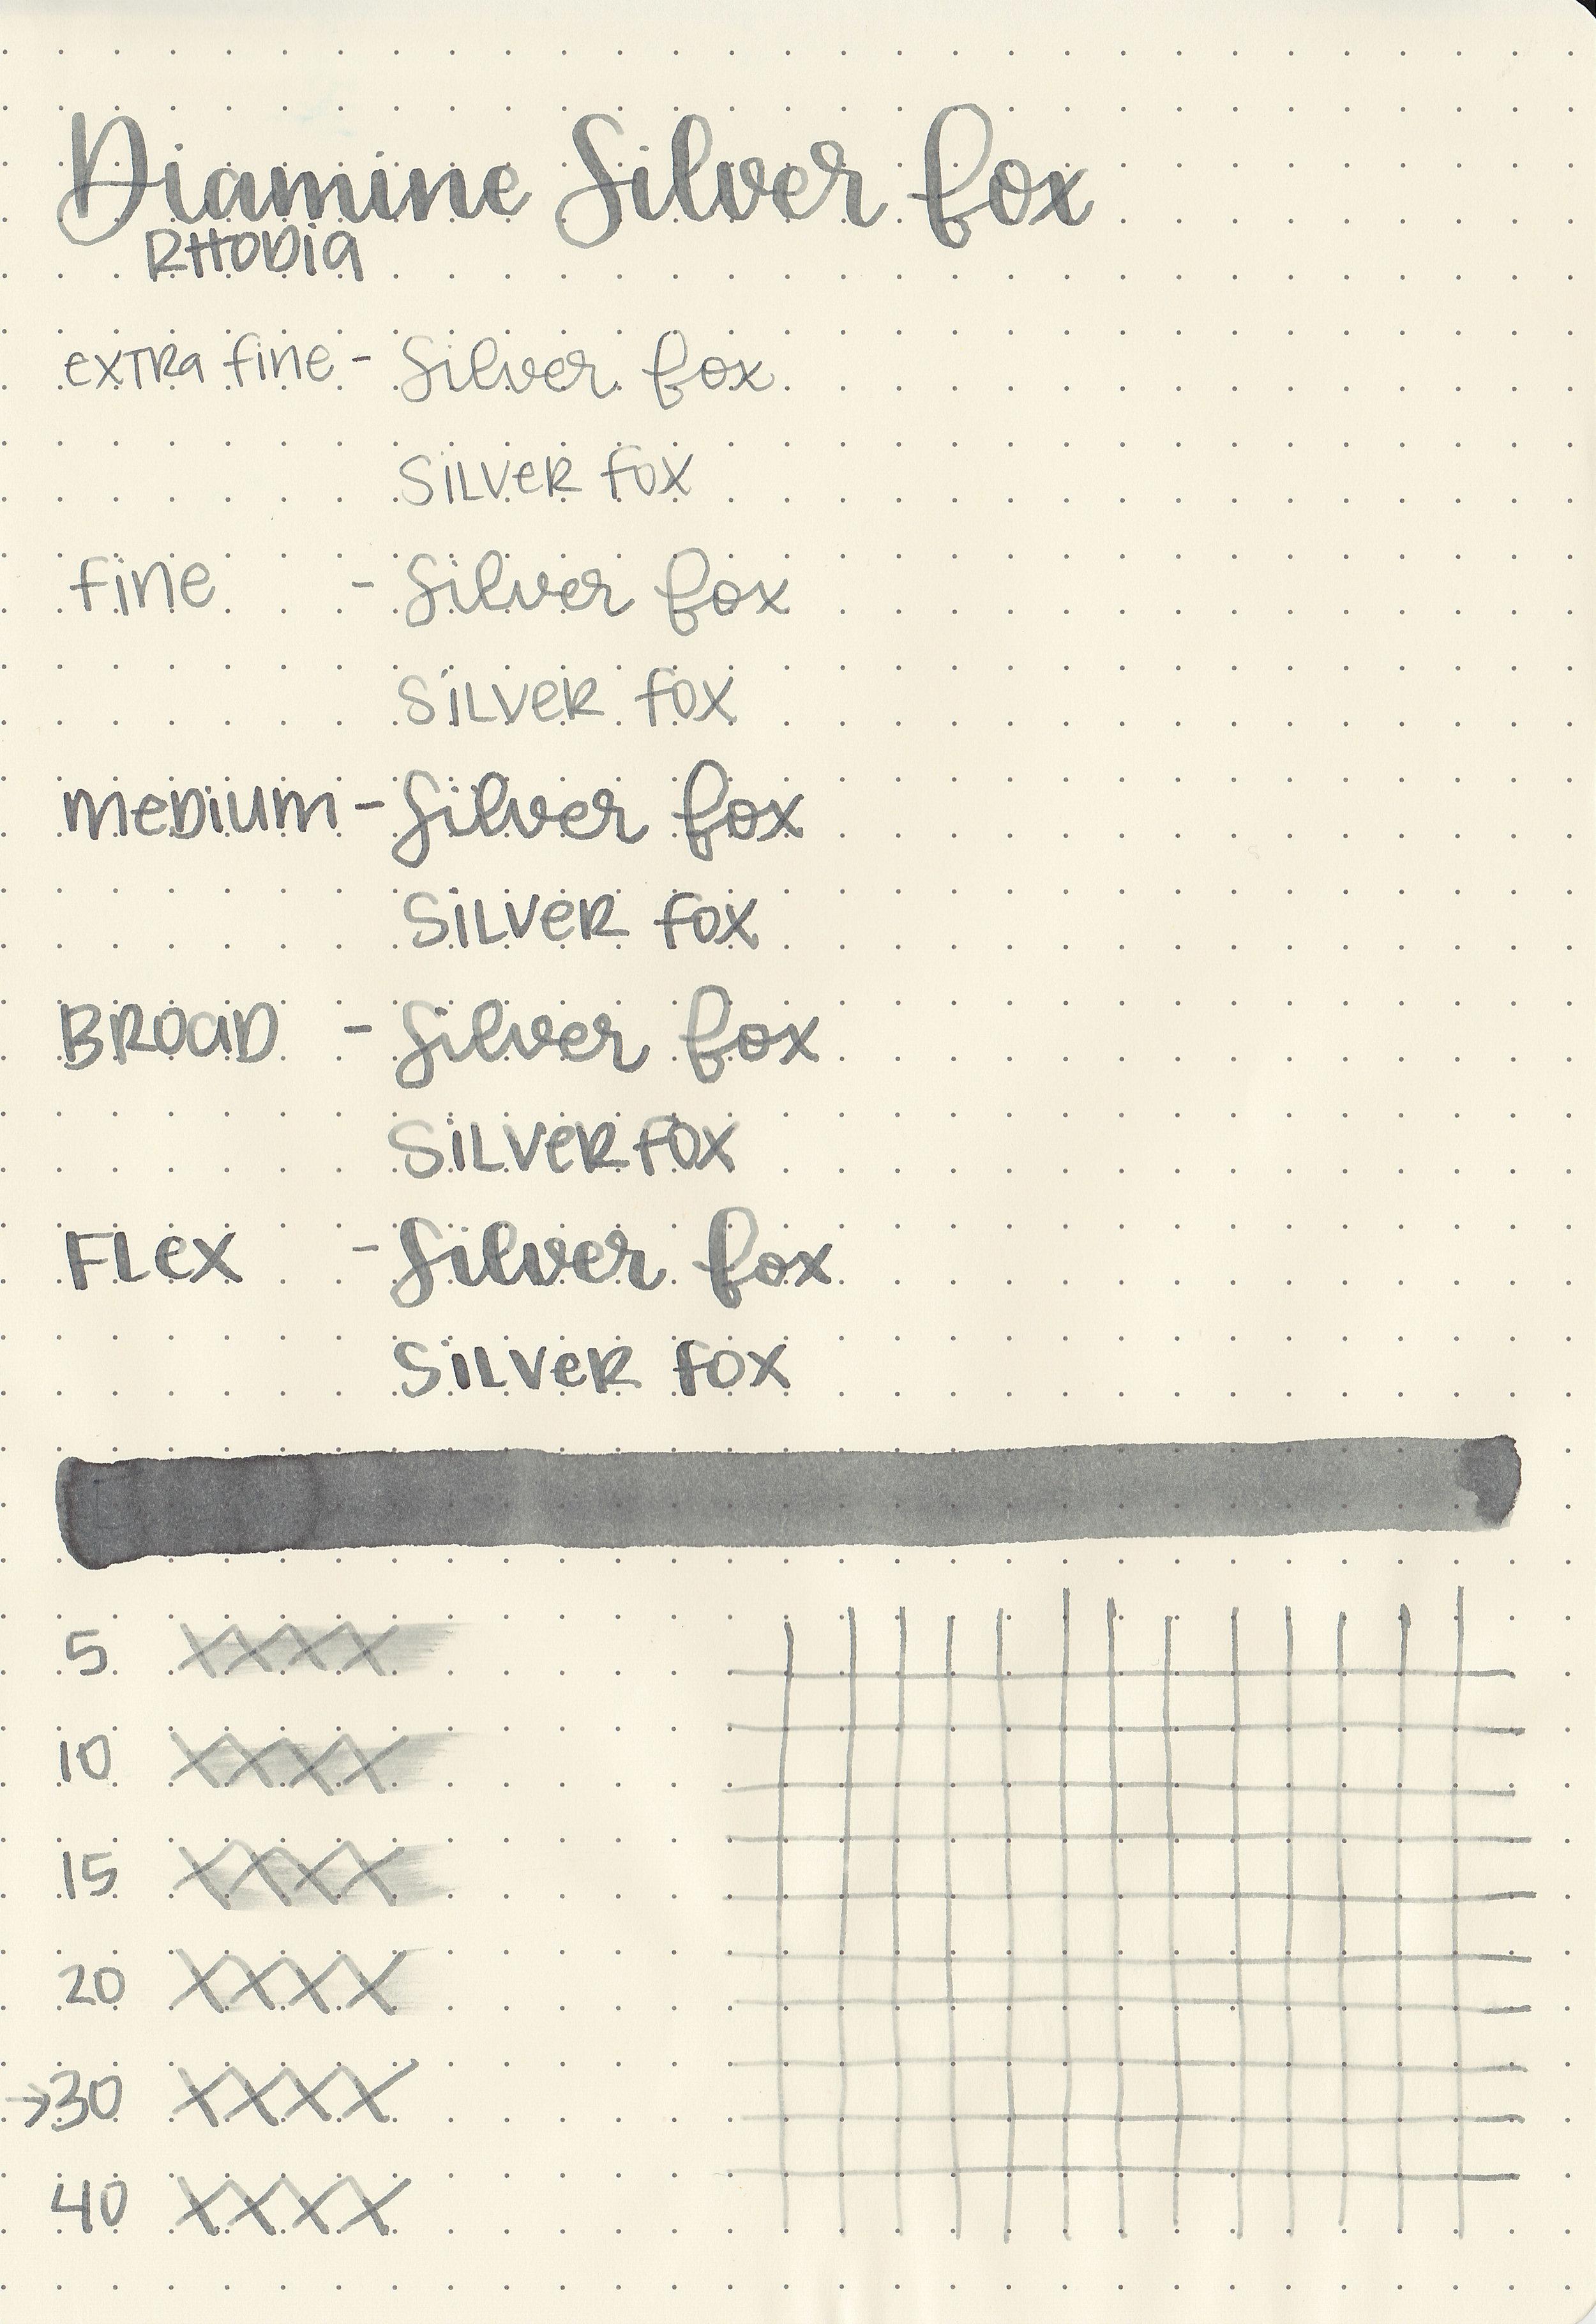 d-silver-fox-5.jpg